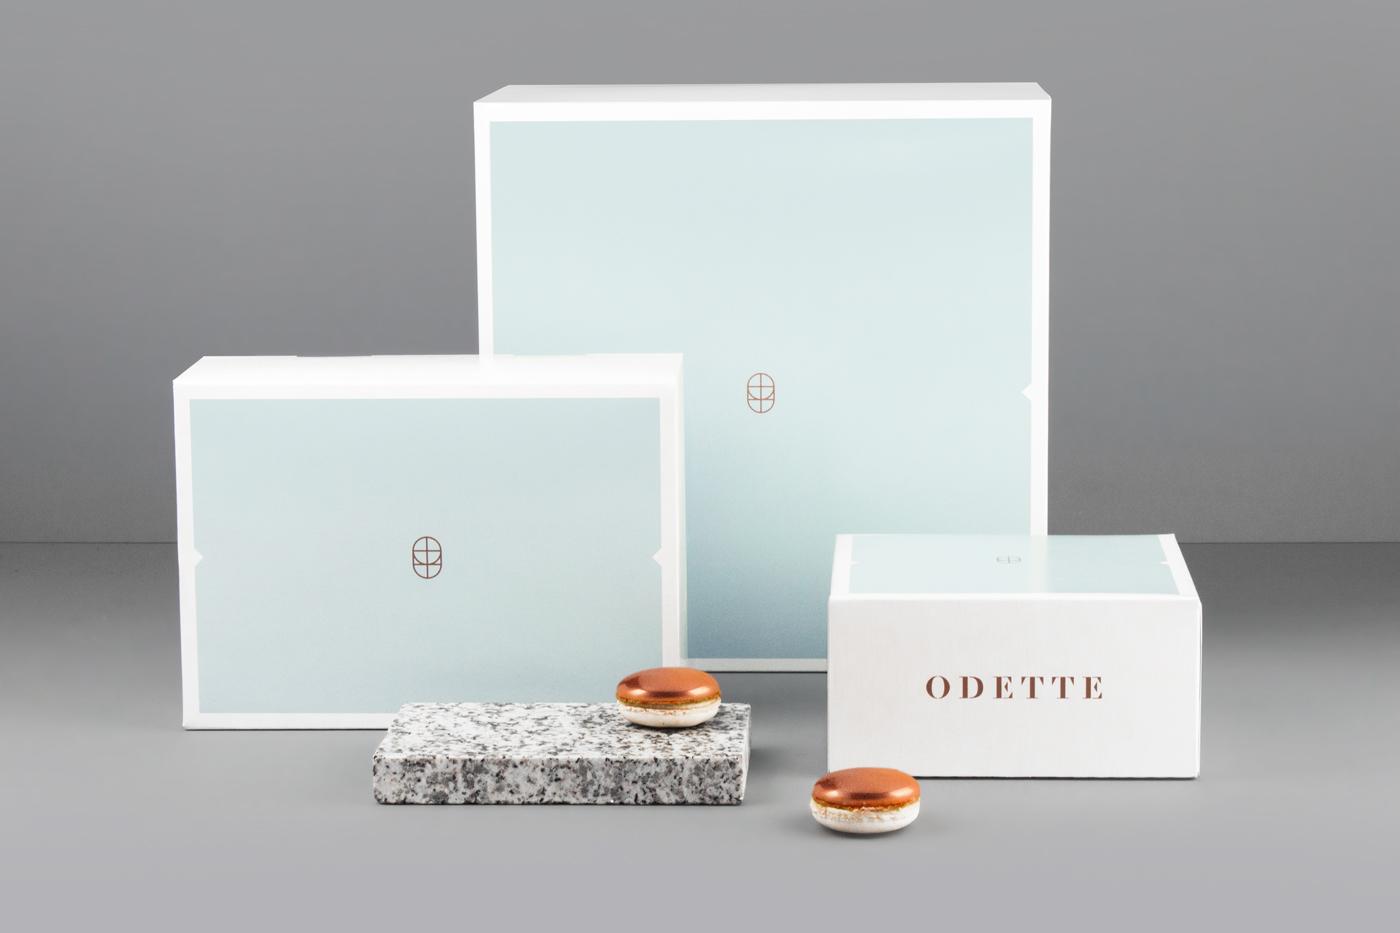 Odette Bakery branding by Dmowski & Company Poland